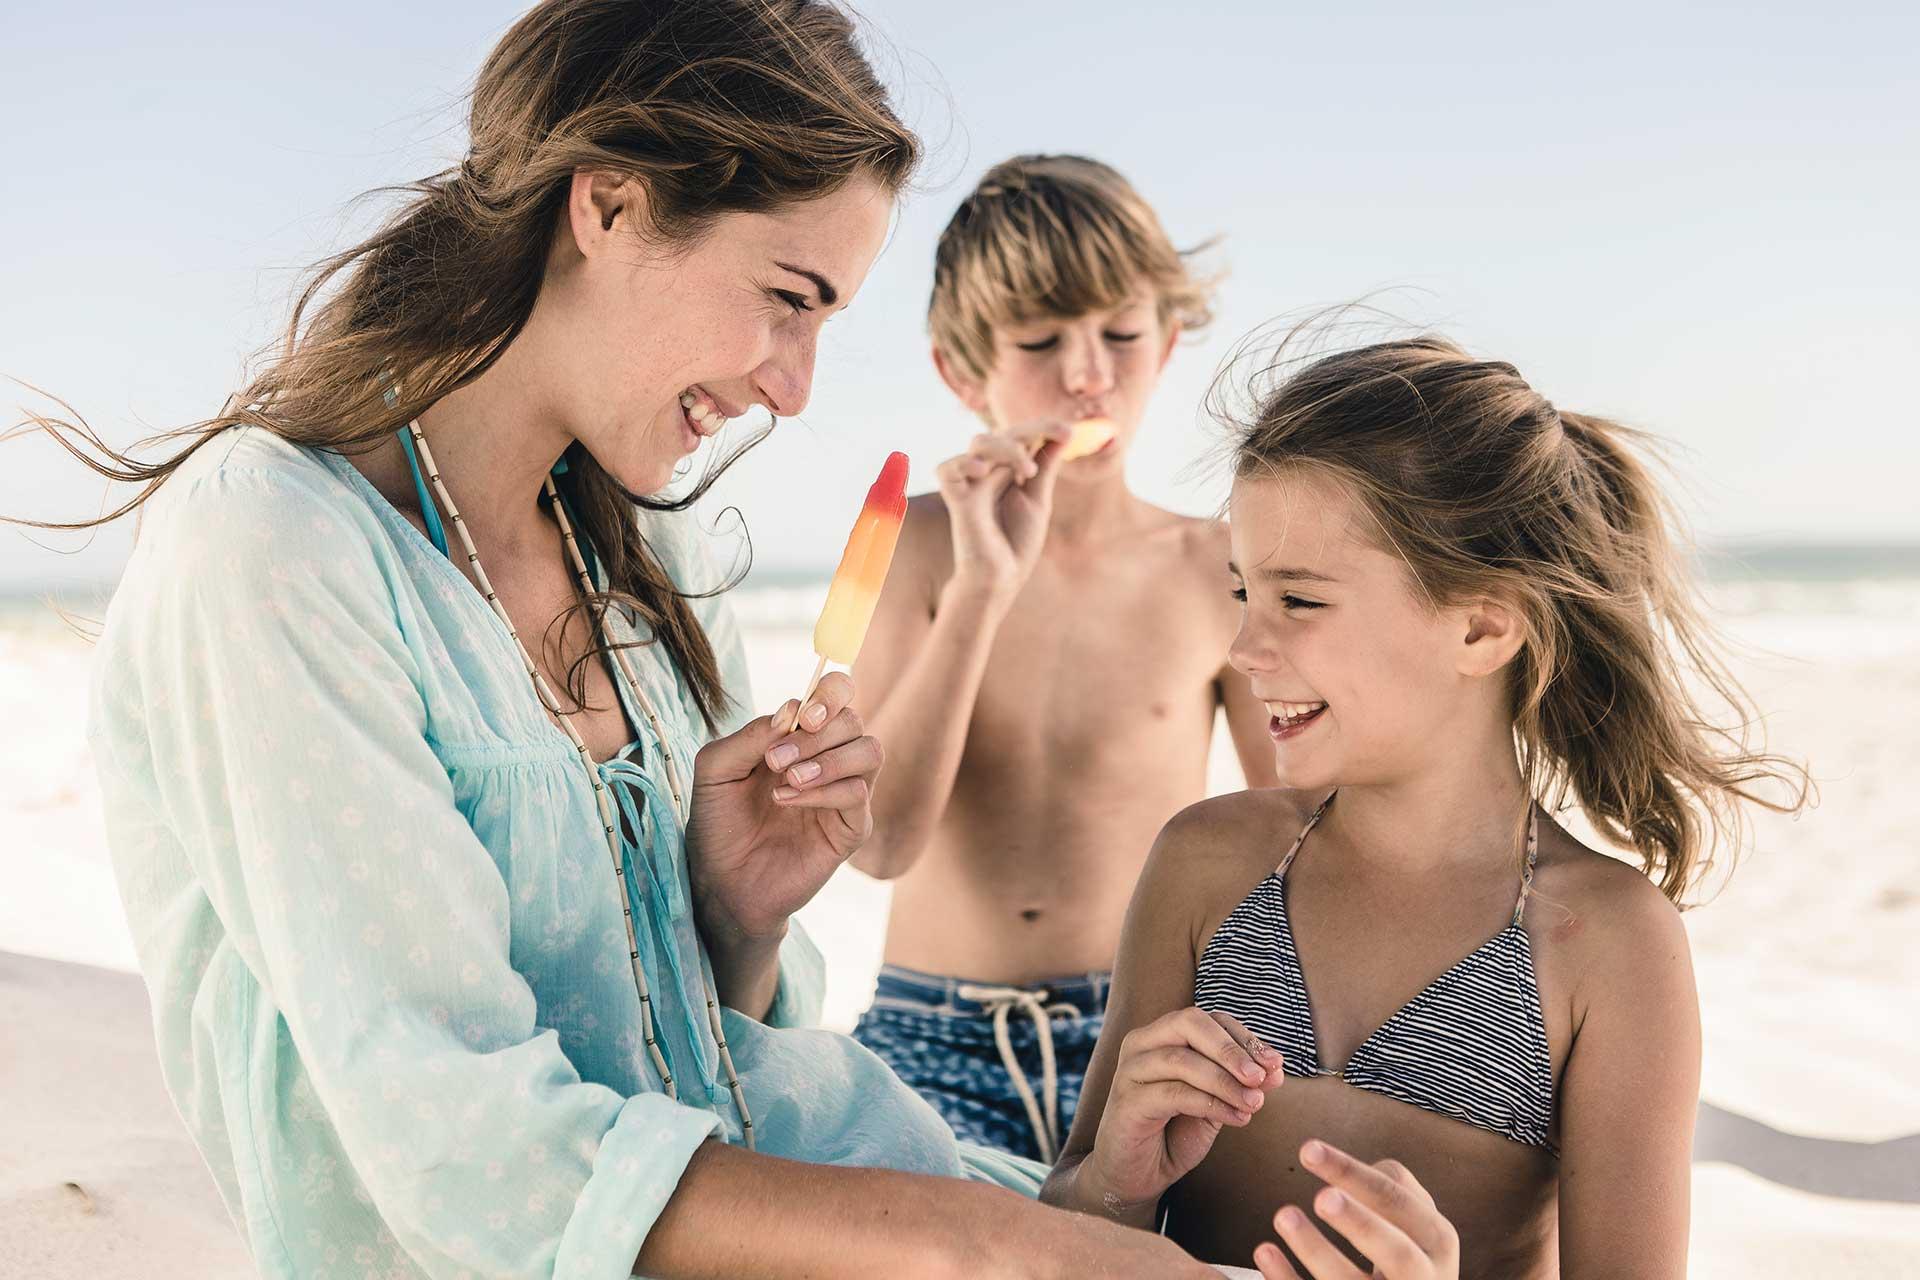 Kinder Familie Fotograf People Lifestyle Werbung Stand Schweiz Zürich Michael Müller